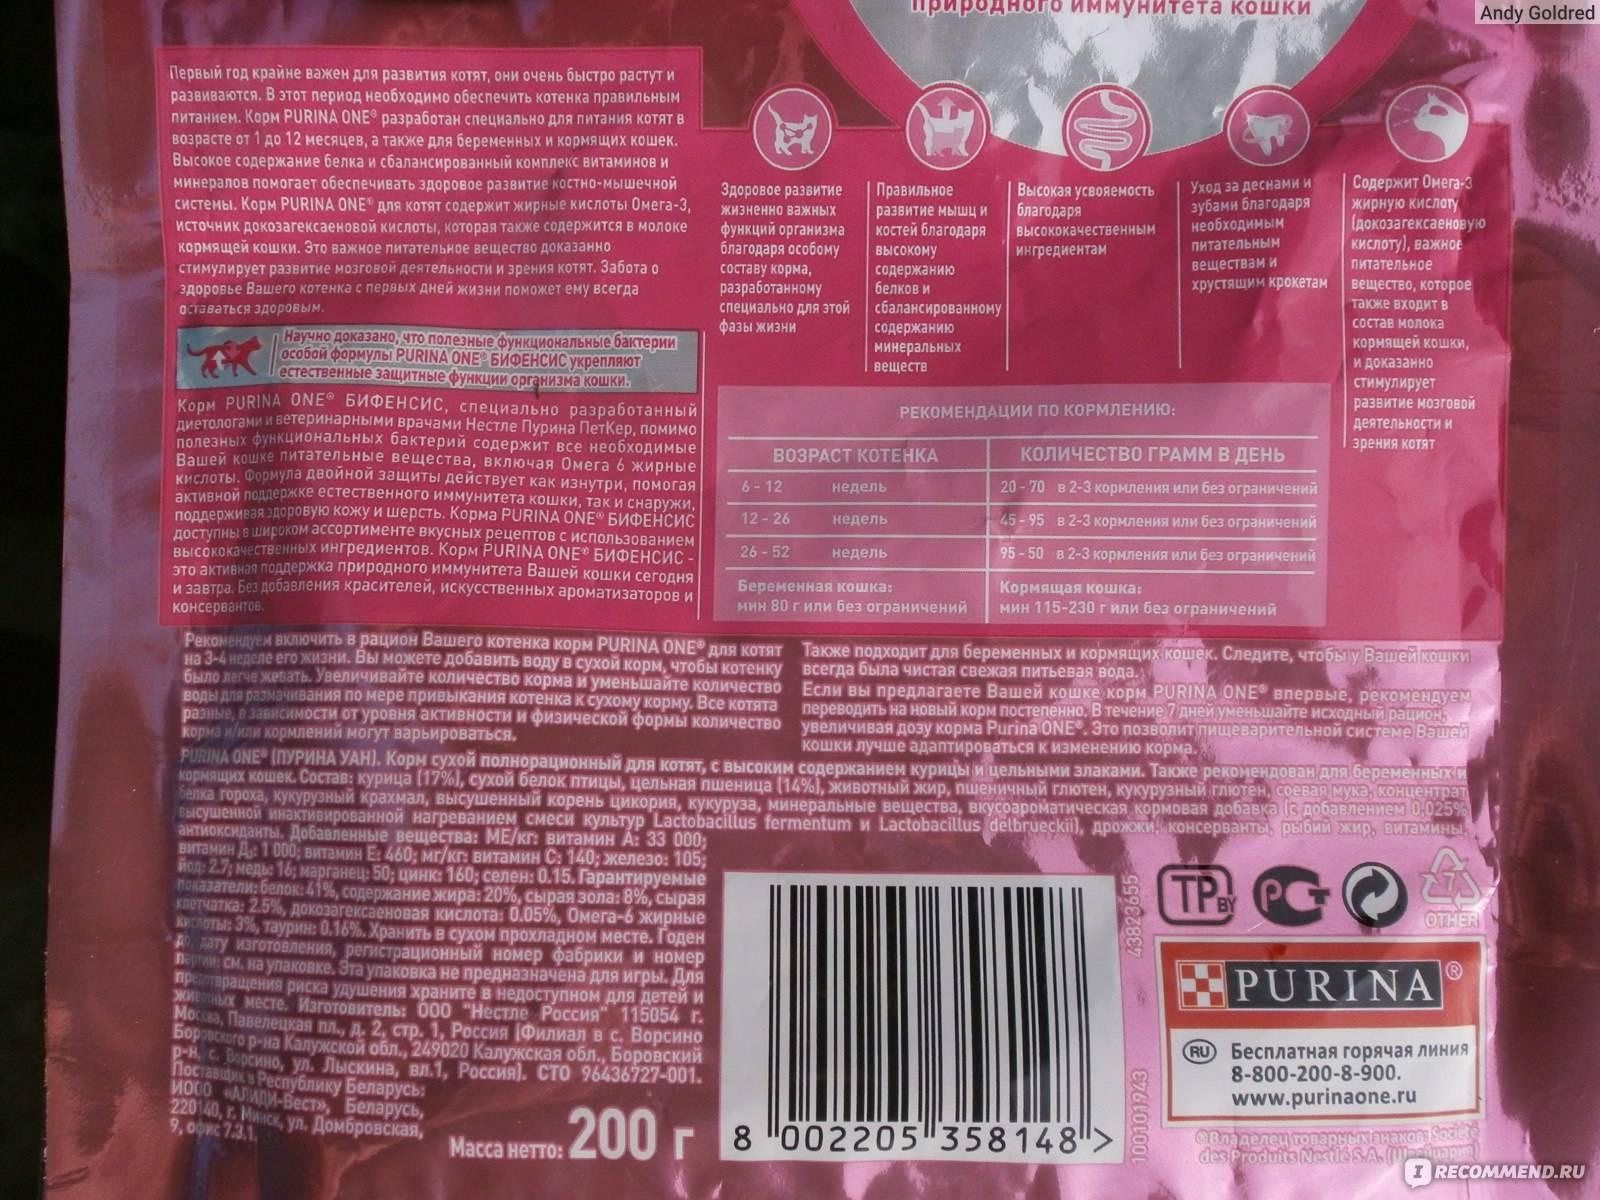 Сухие корма purina one («пурина ван»): описание, состав, достоинства и недостатки питания эконом-класса